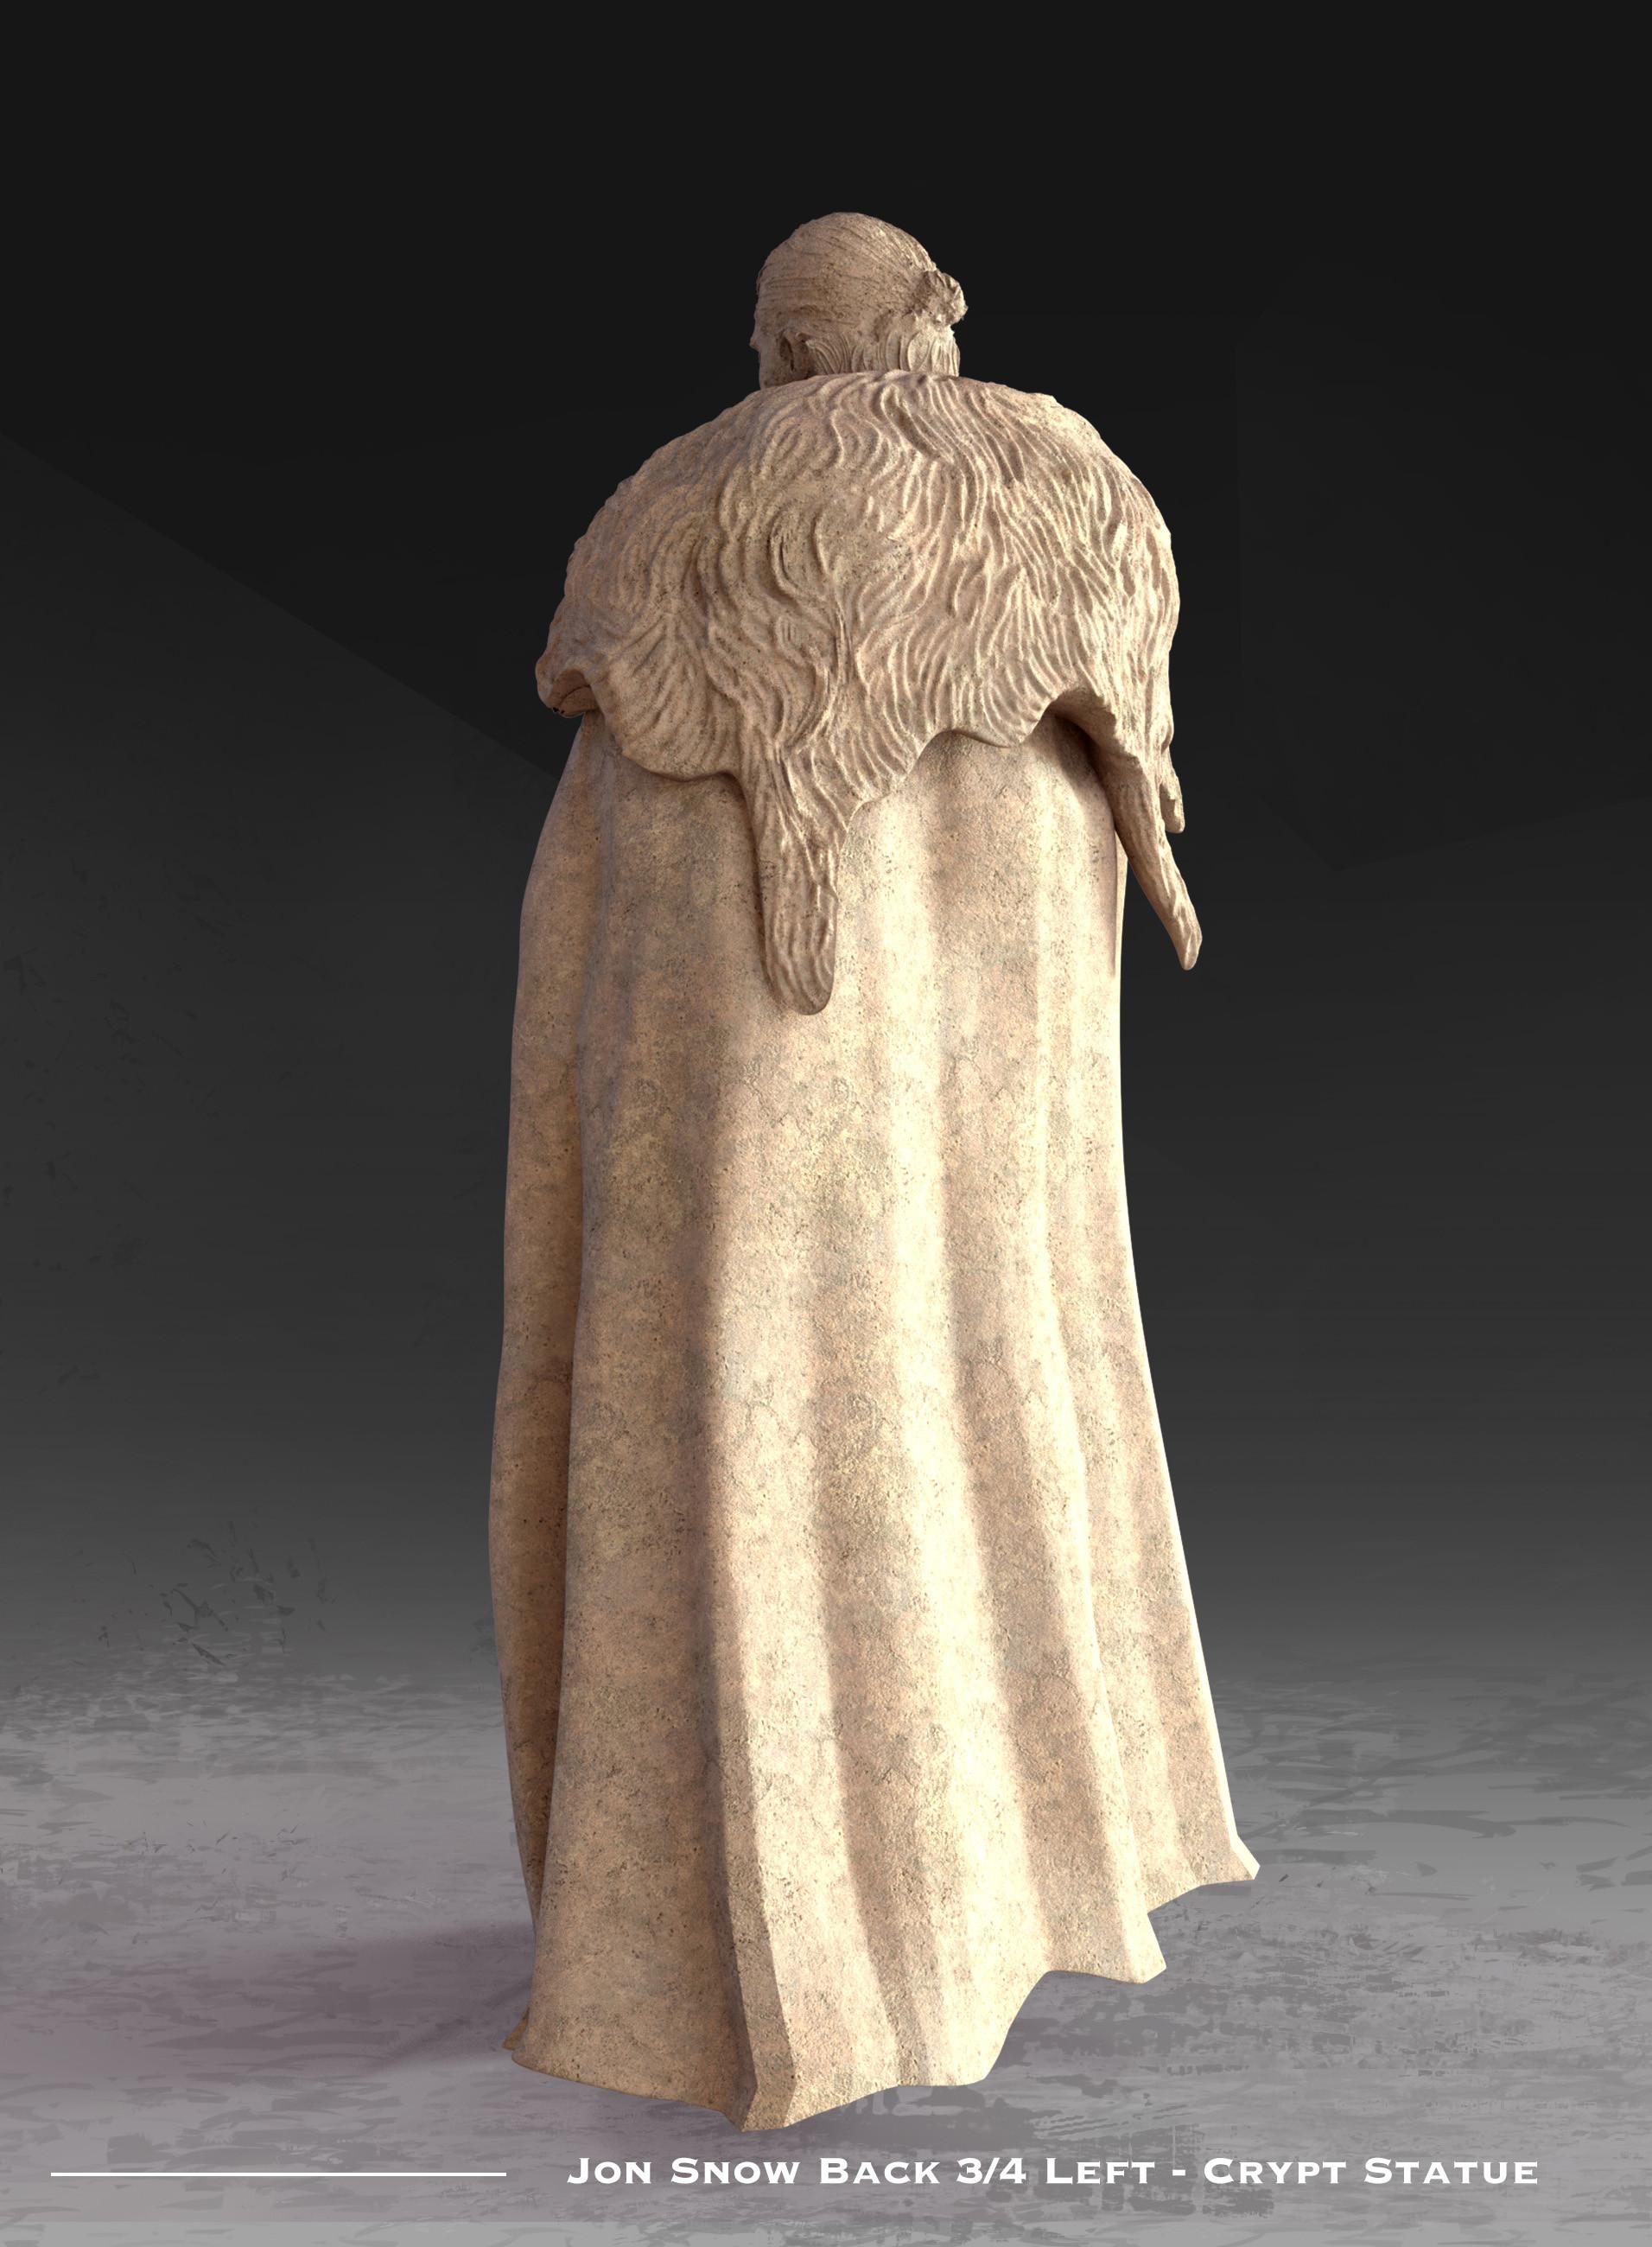 Kieran belshaw jon statue back 3qleft v001